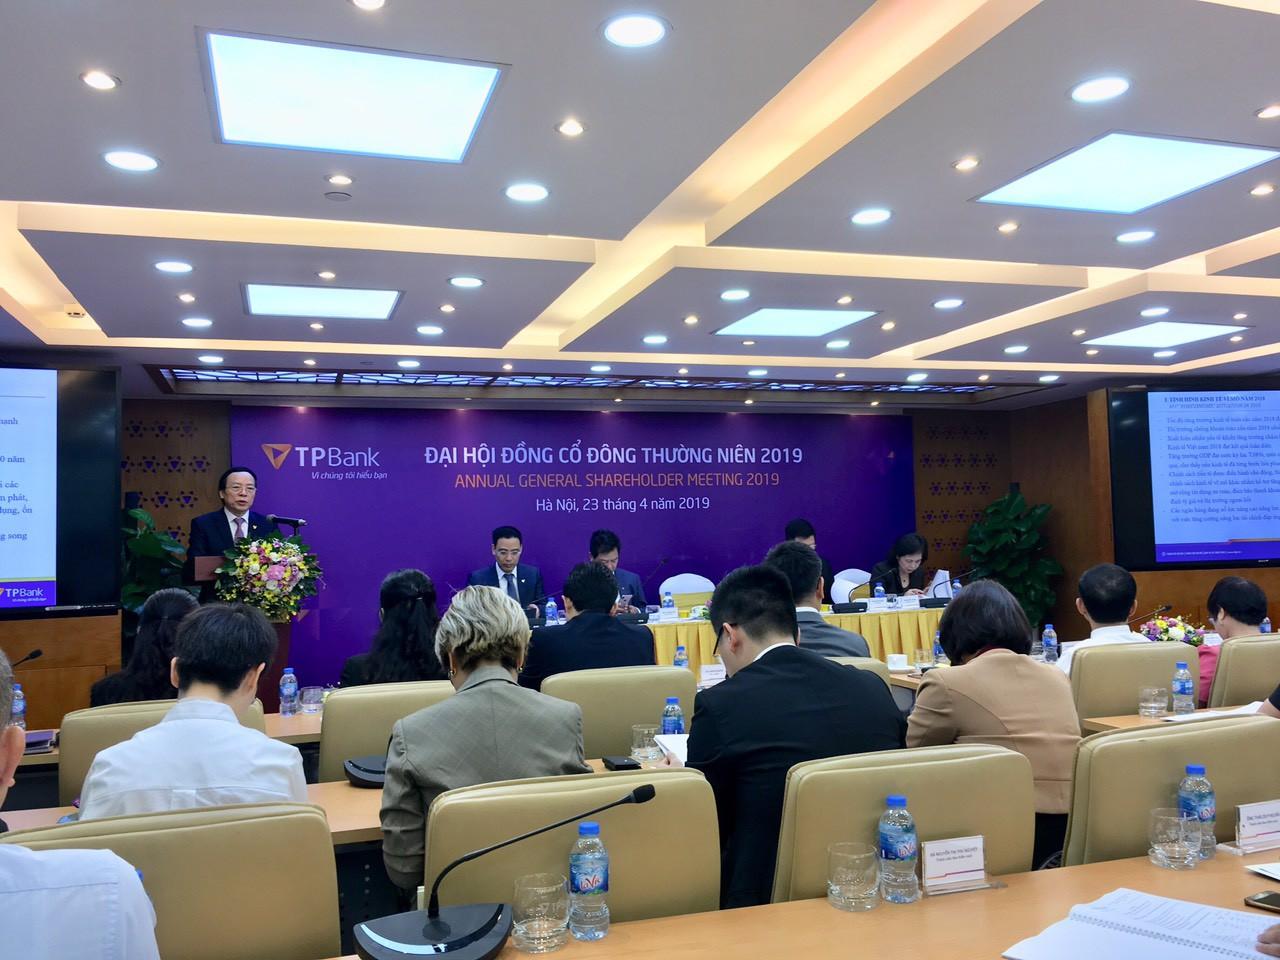 ĐHĐCĐ TPBank: Phát hành riêng lẻ 100 triệu cp, tăng vốn điều lệ lên 10.000 tỉ đồng - Ảnh 1.